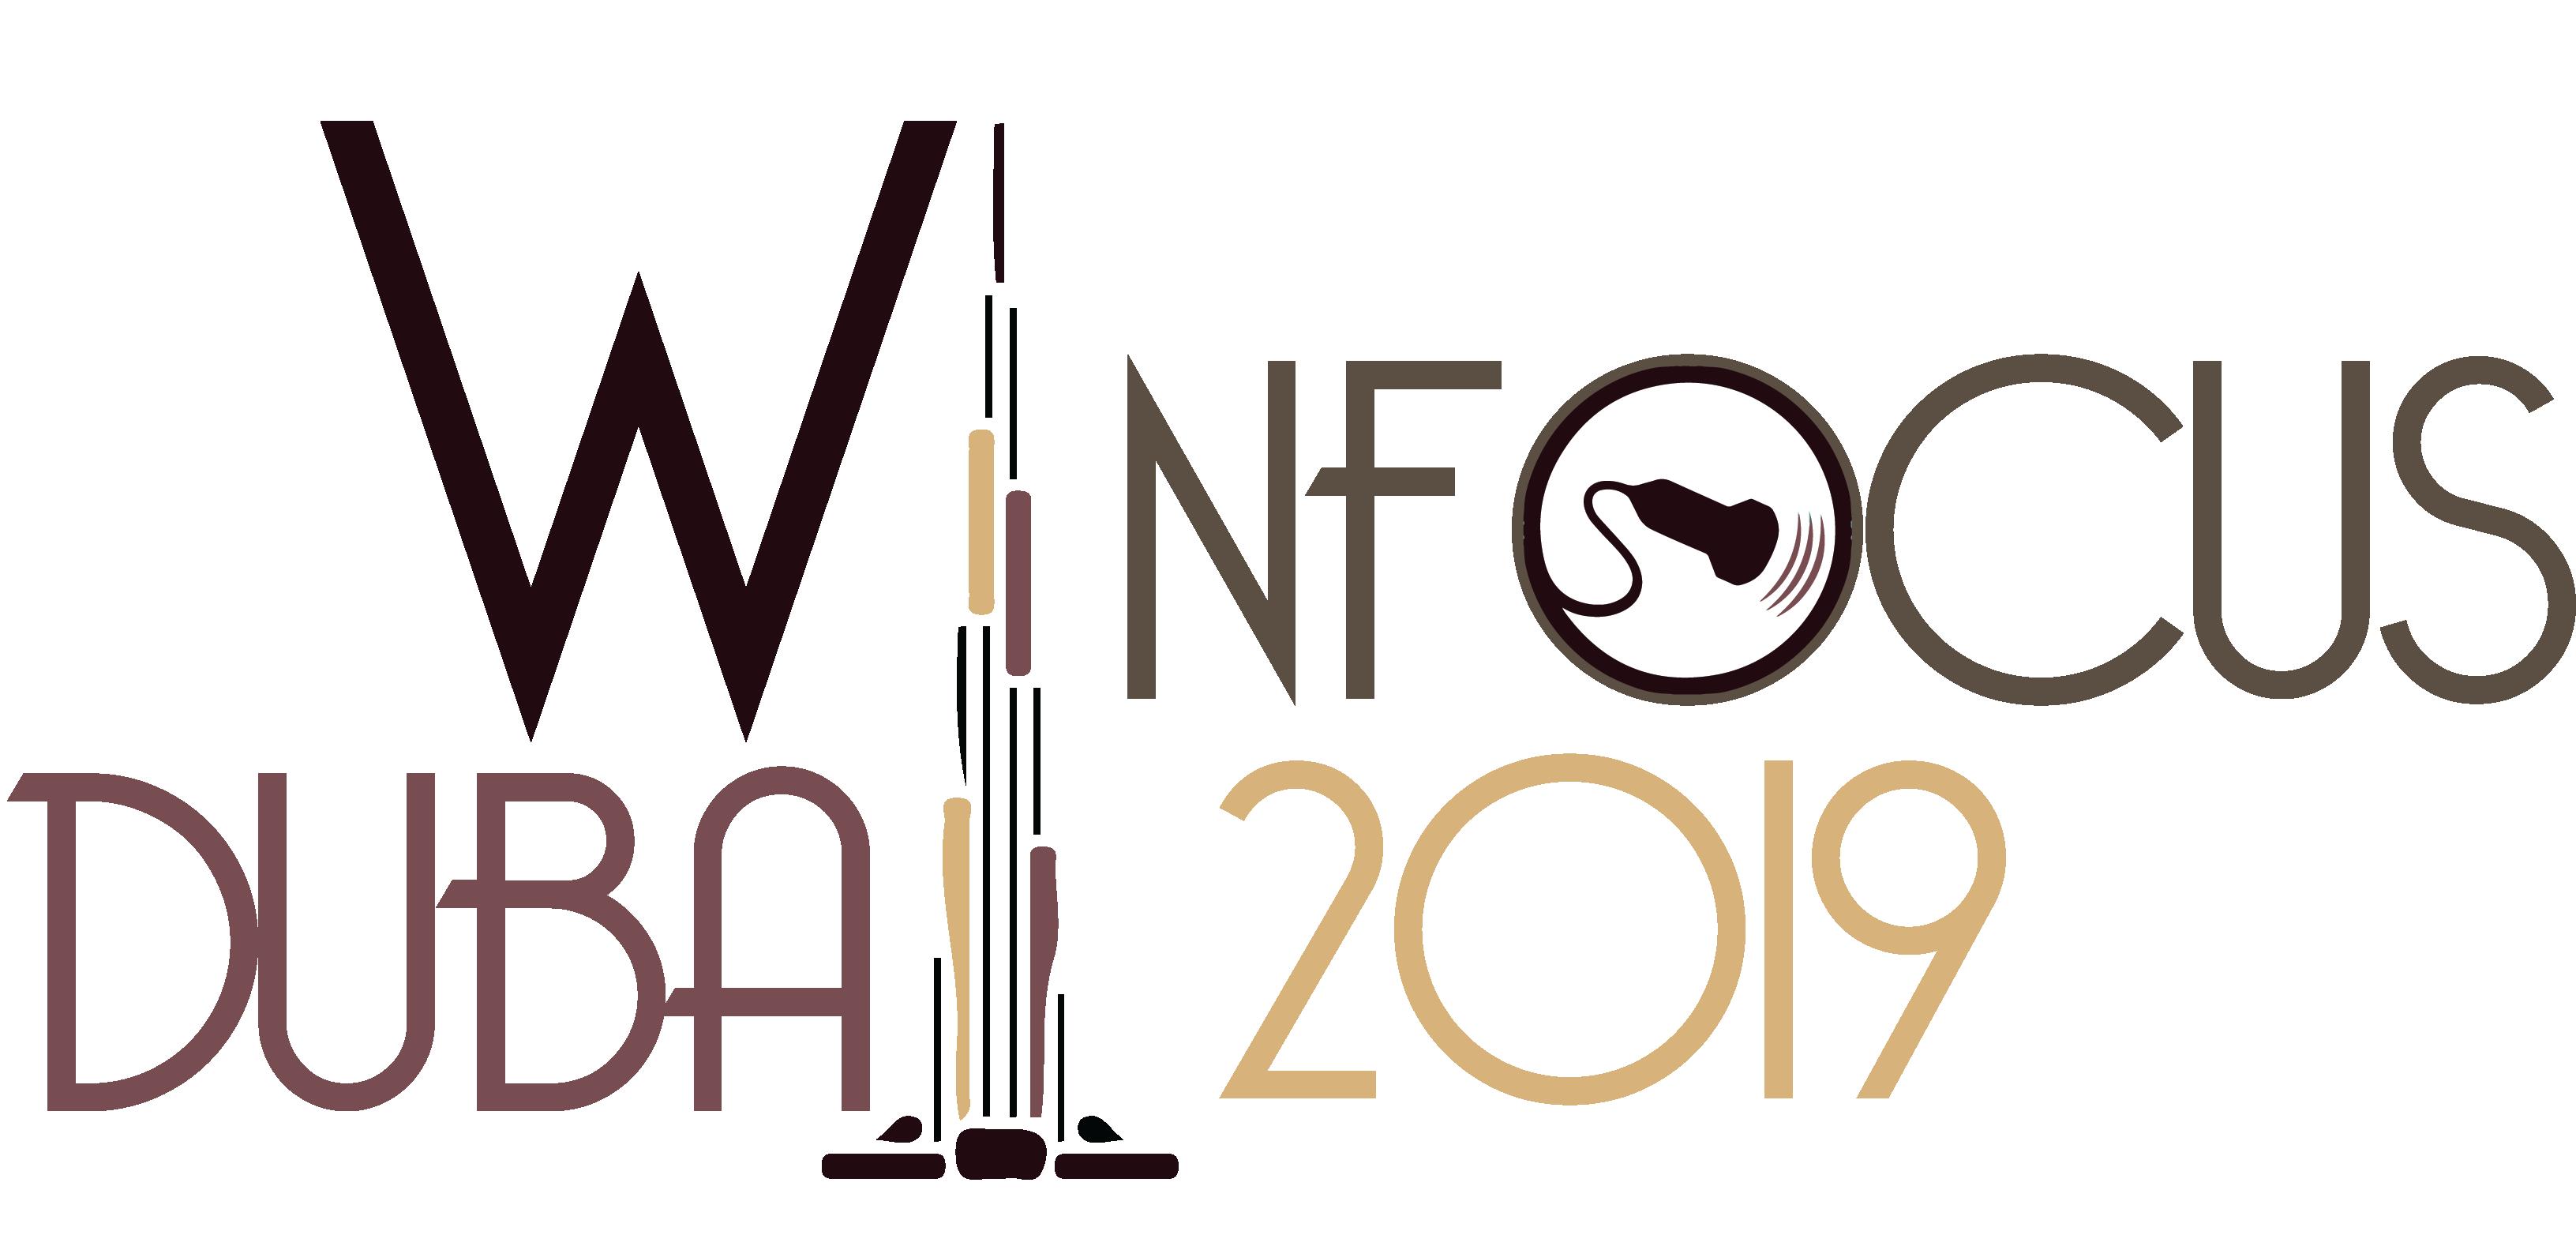 Winfocus_2019_Dubai_Logo_vector_Masha